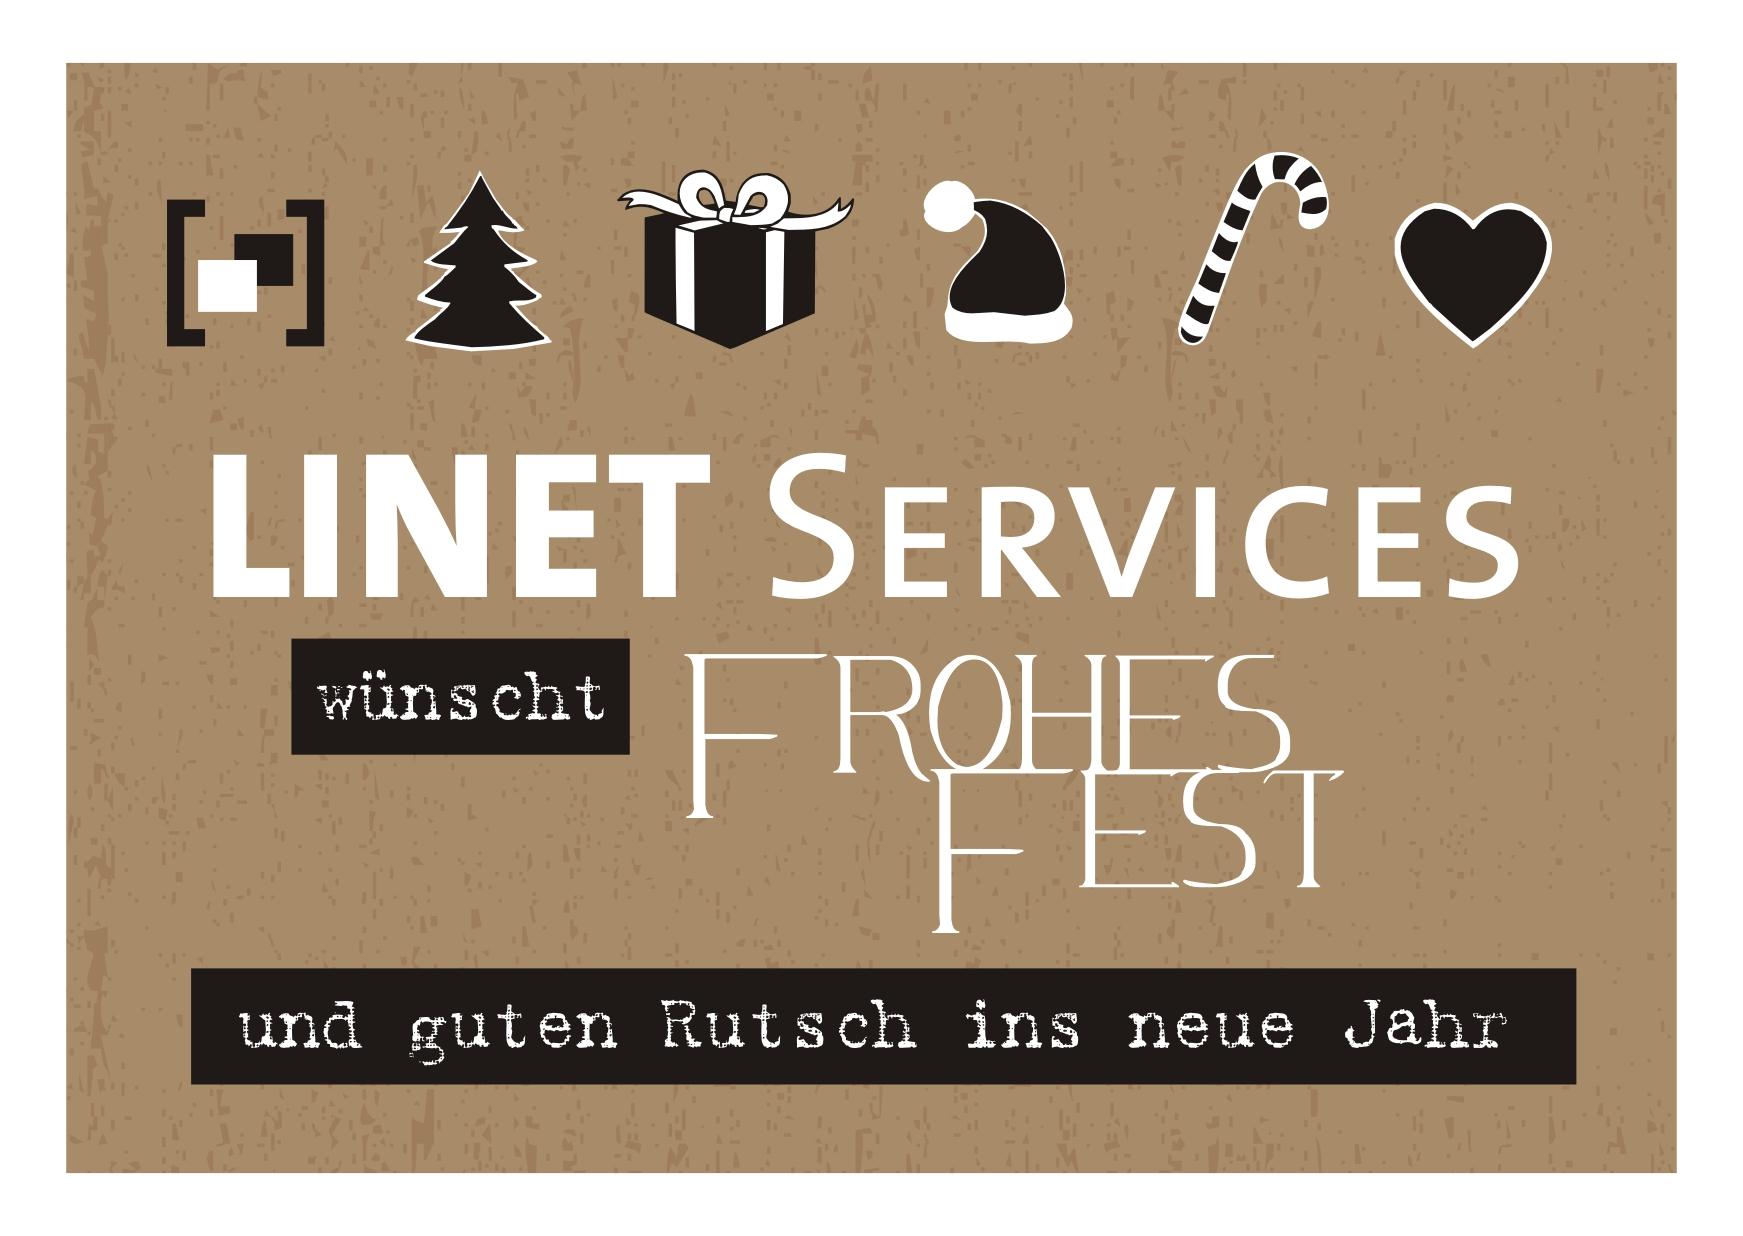 Weihnachtsgruß 2014 der LINET Services GmbH